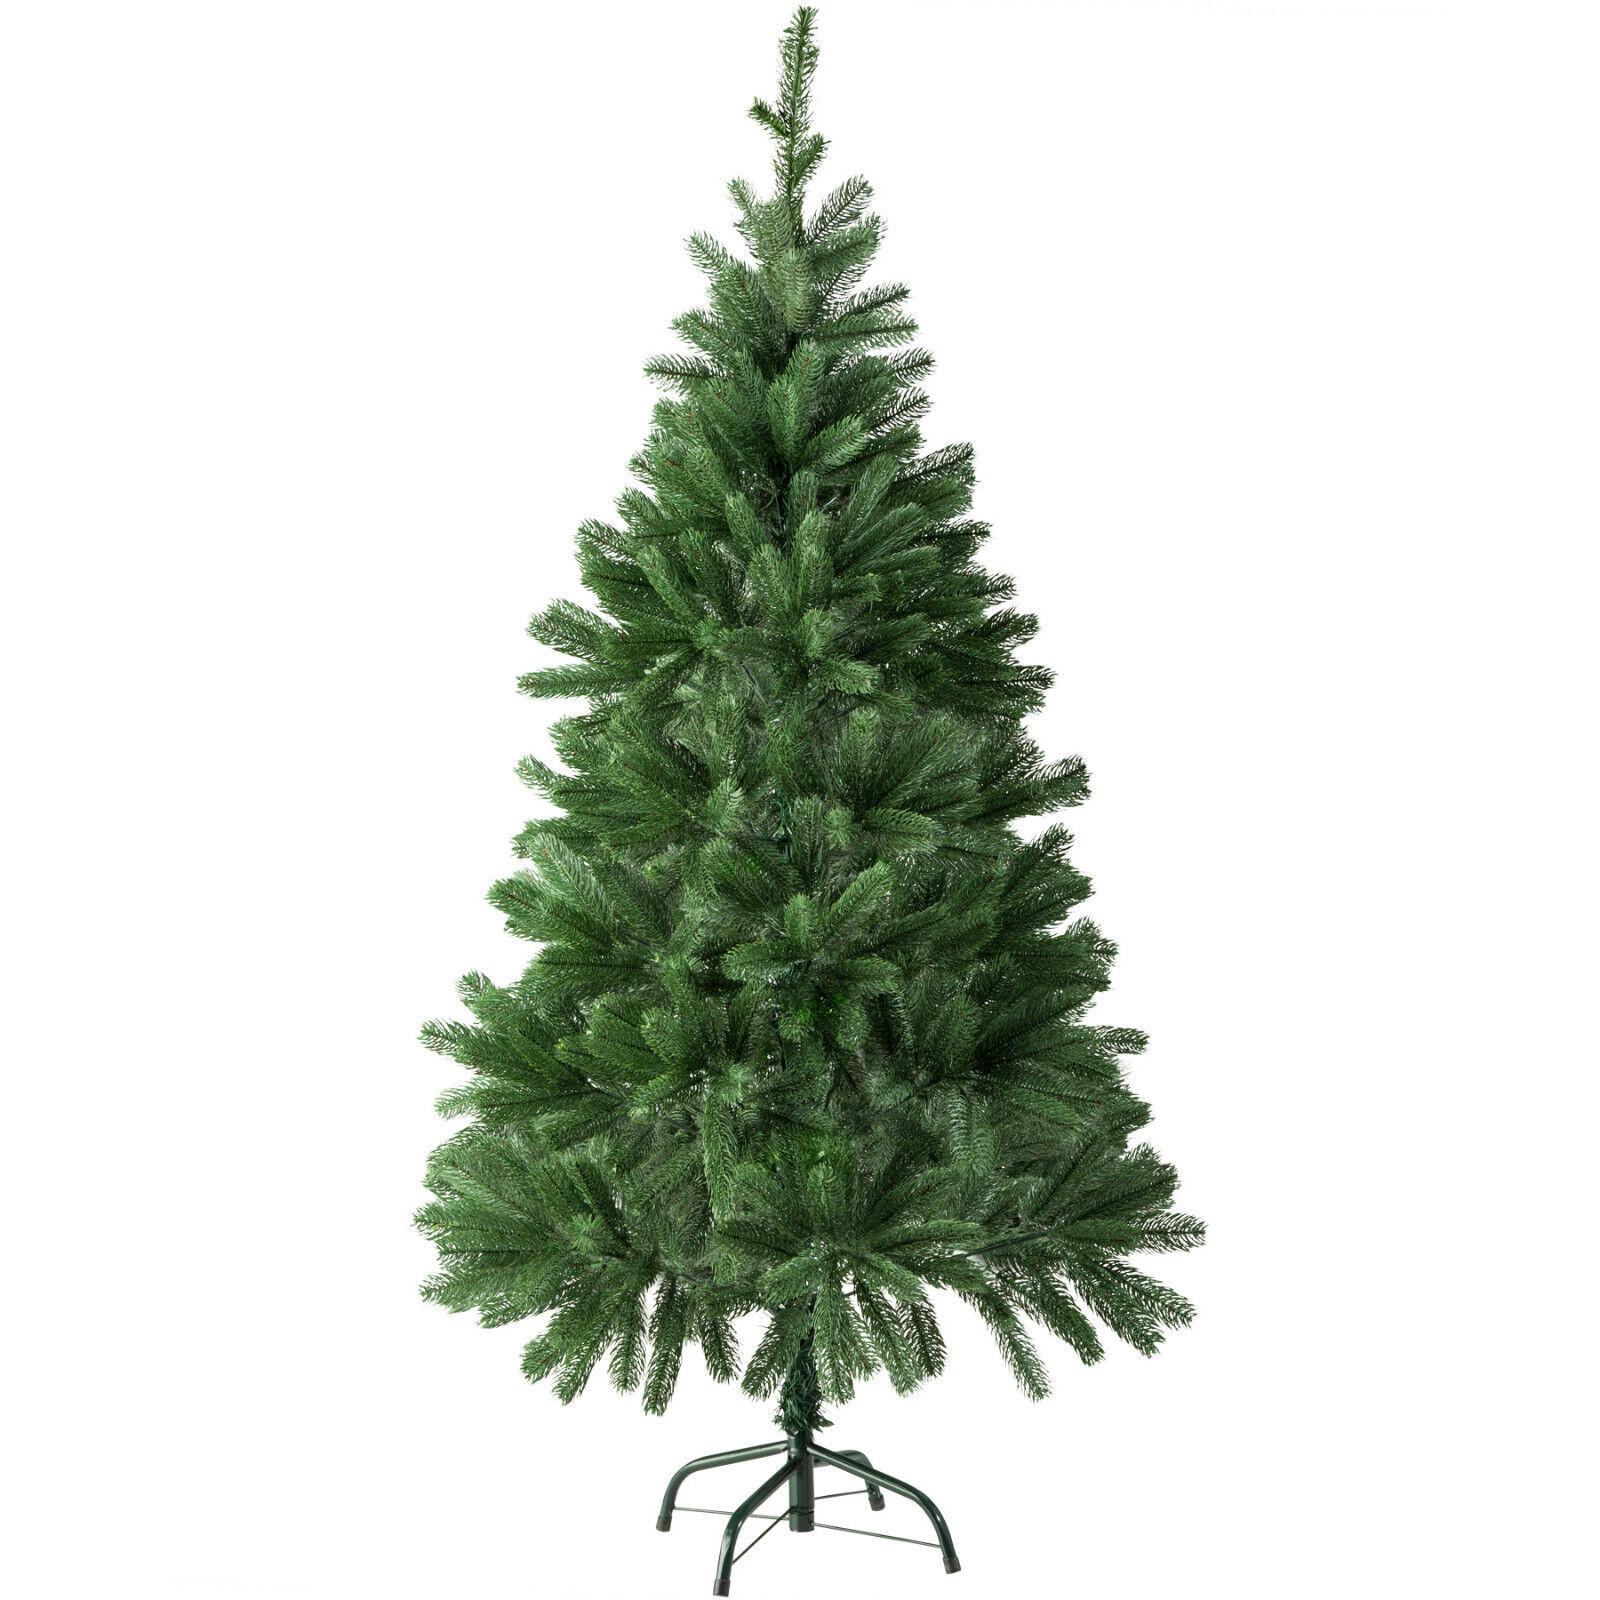 Árbol de Navidad Artificial Arbol Plástico Abeto Interior 470 Ramas 140cm Grün